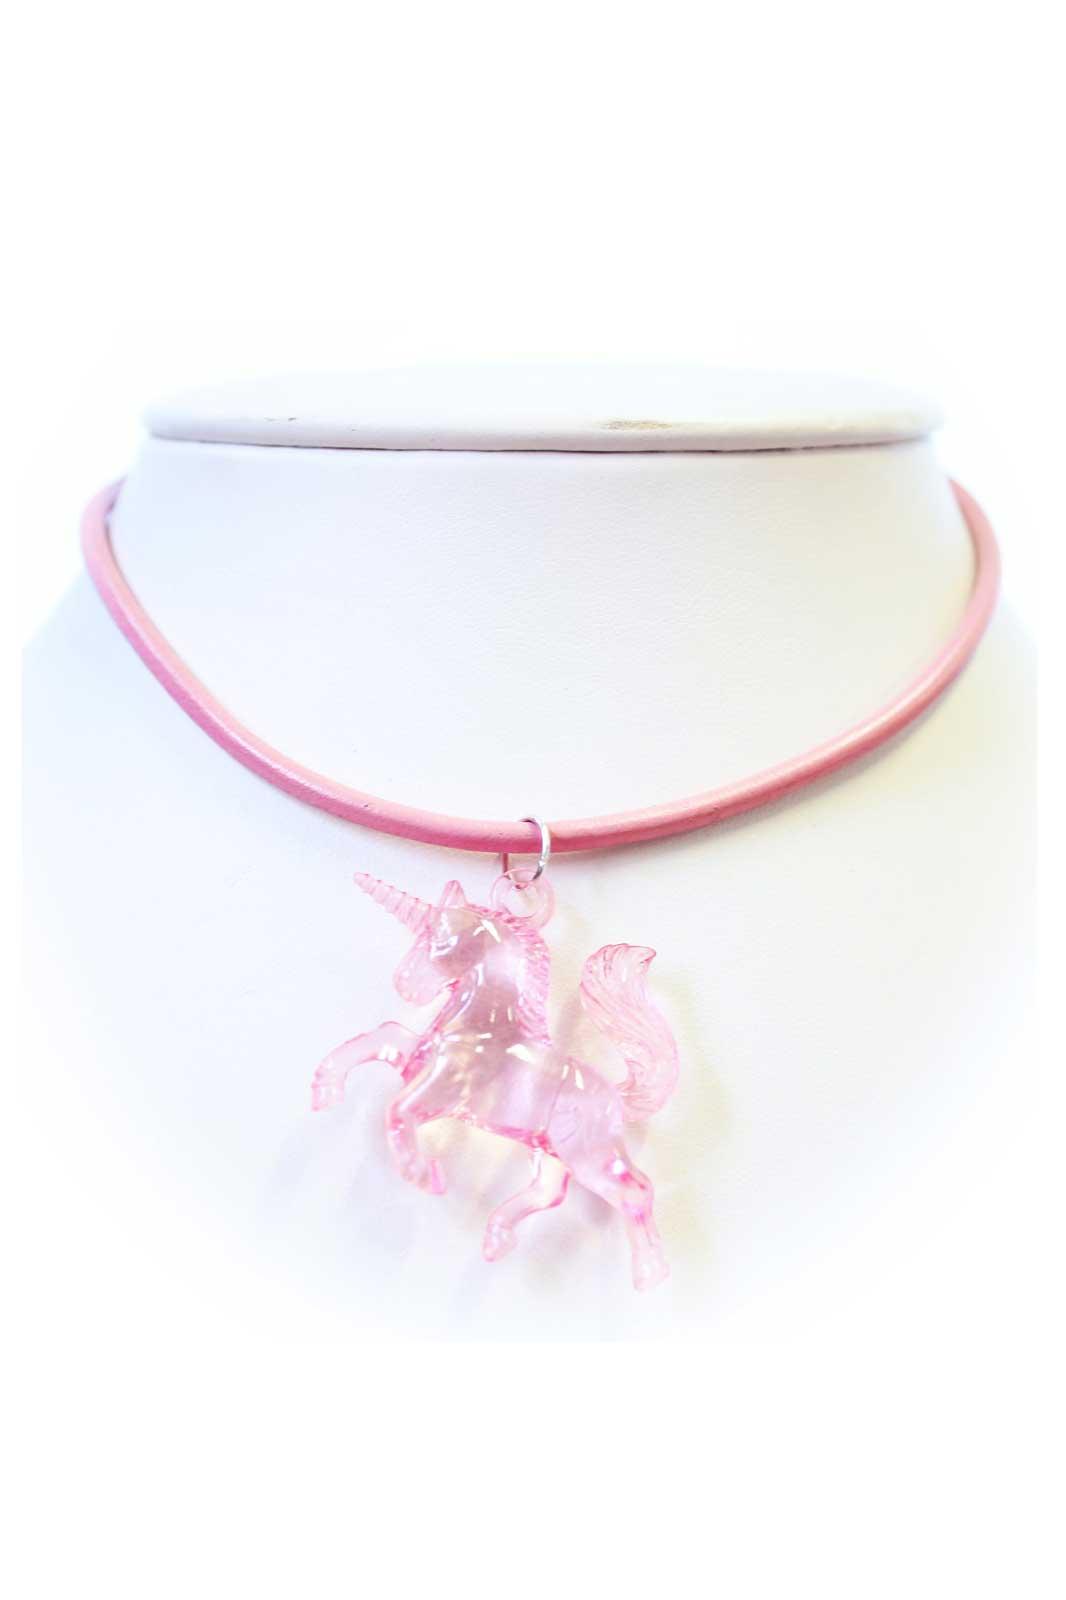 Unicorn Cord Choker Pink